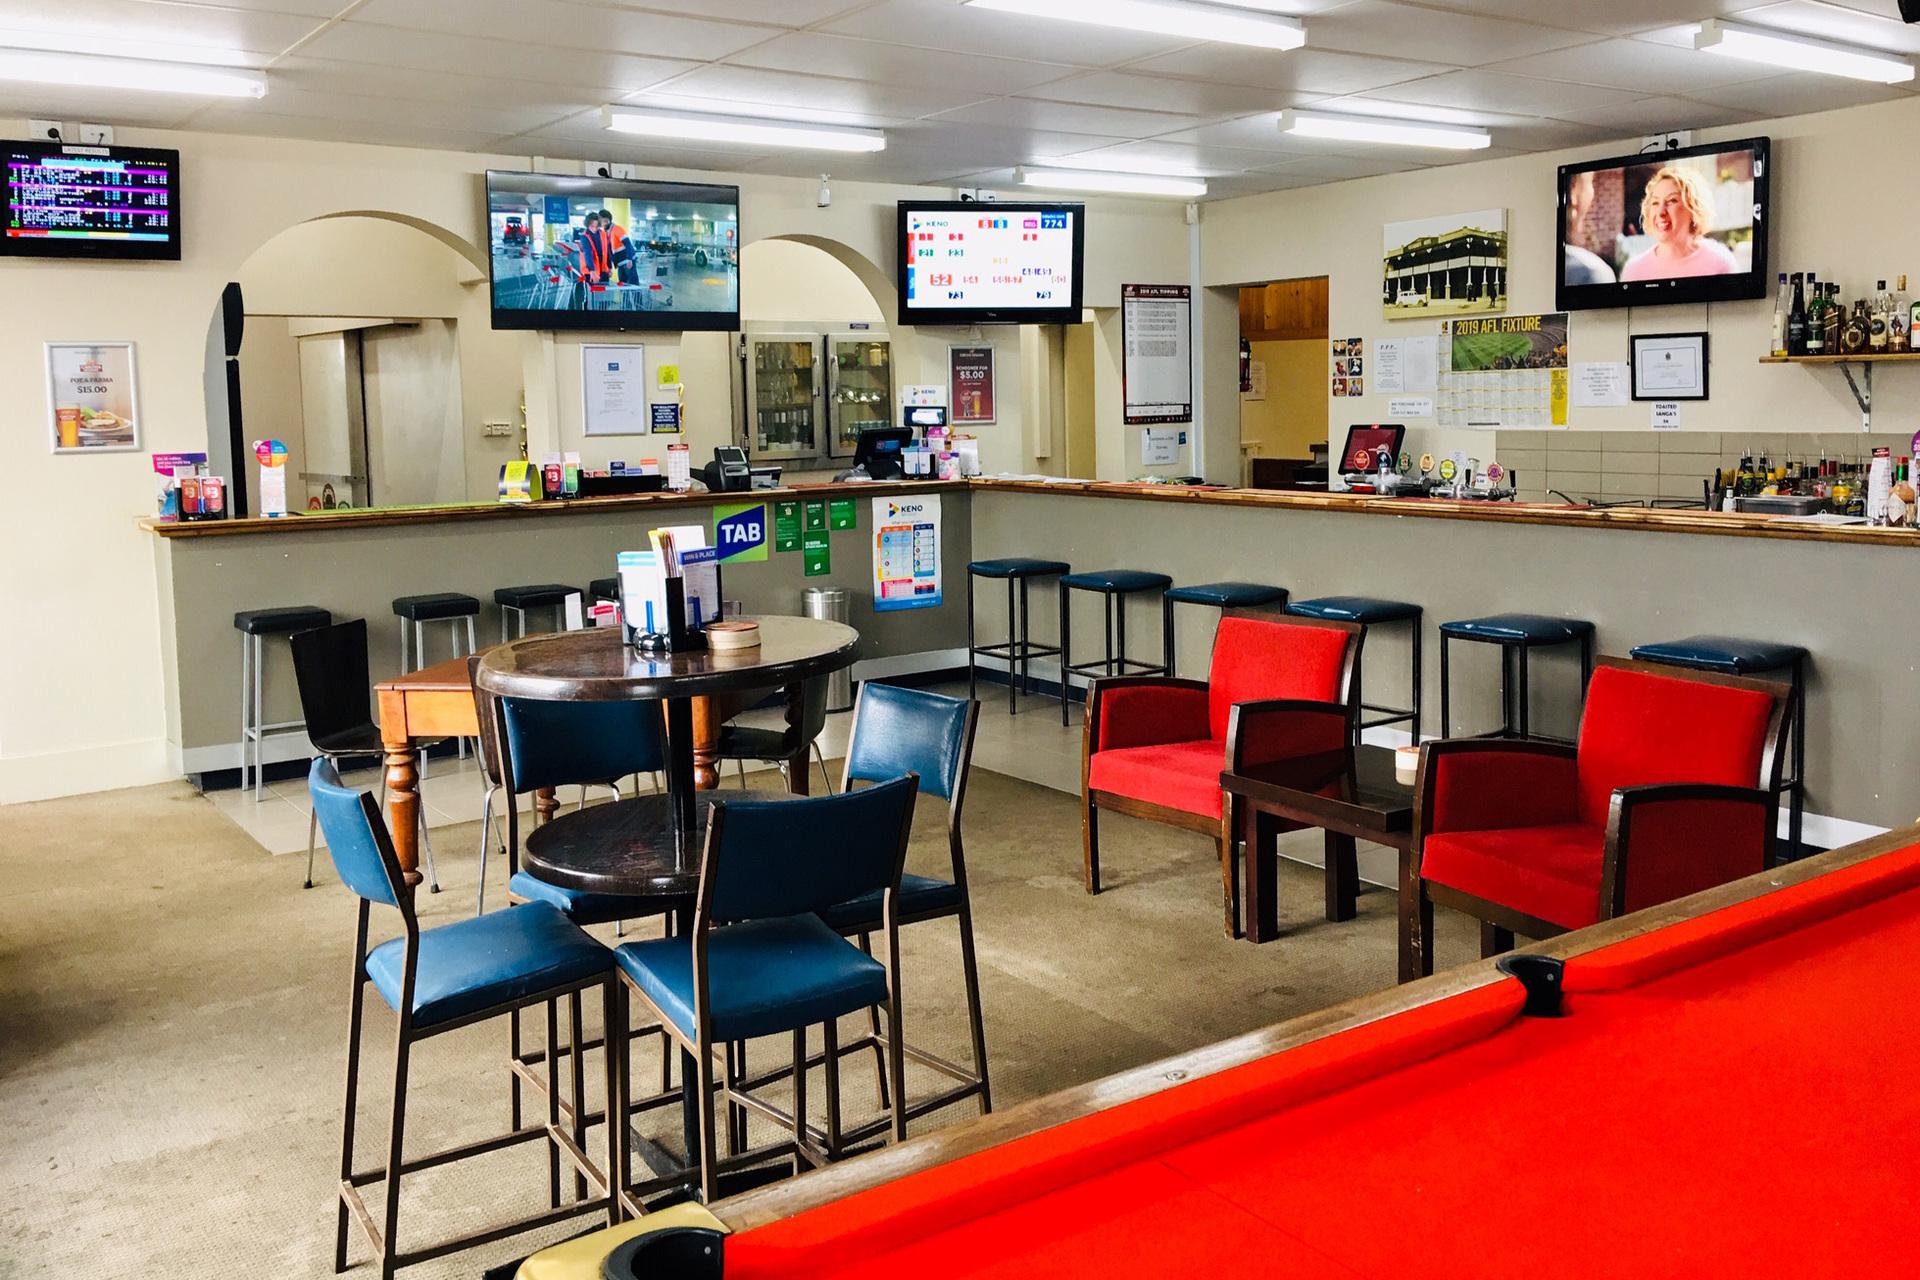 d - Cricket Club Hotel